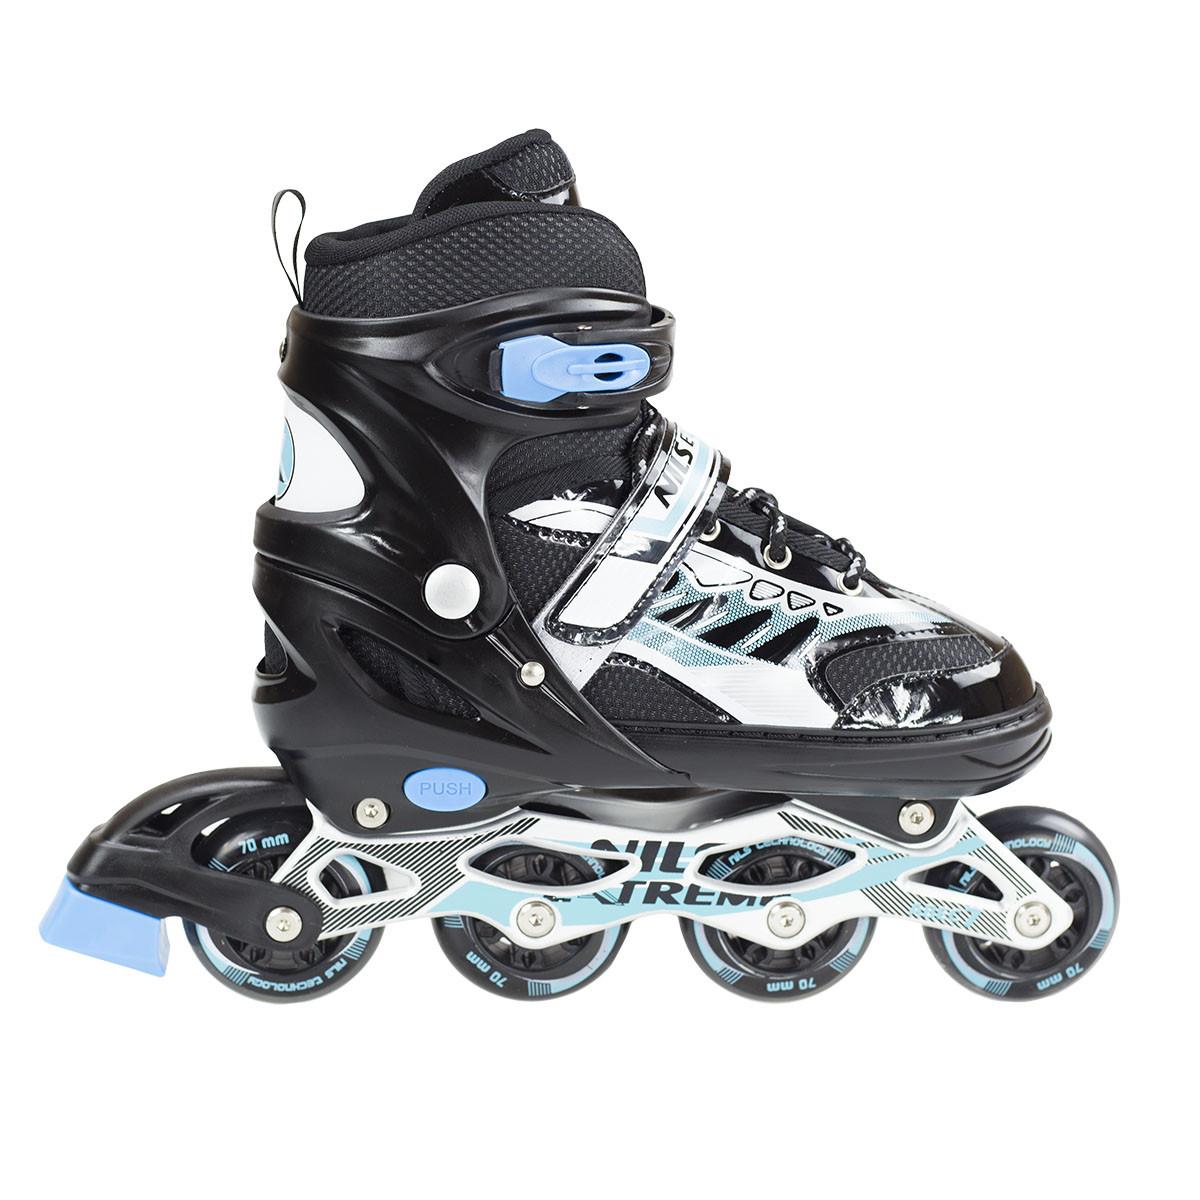 Купить Роликовые коньки и лыжероллеры, Роликовые коньки Nils Extreme NJ1828A Size 31-34 Black